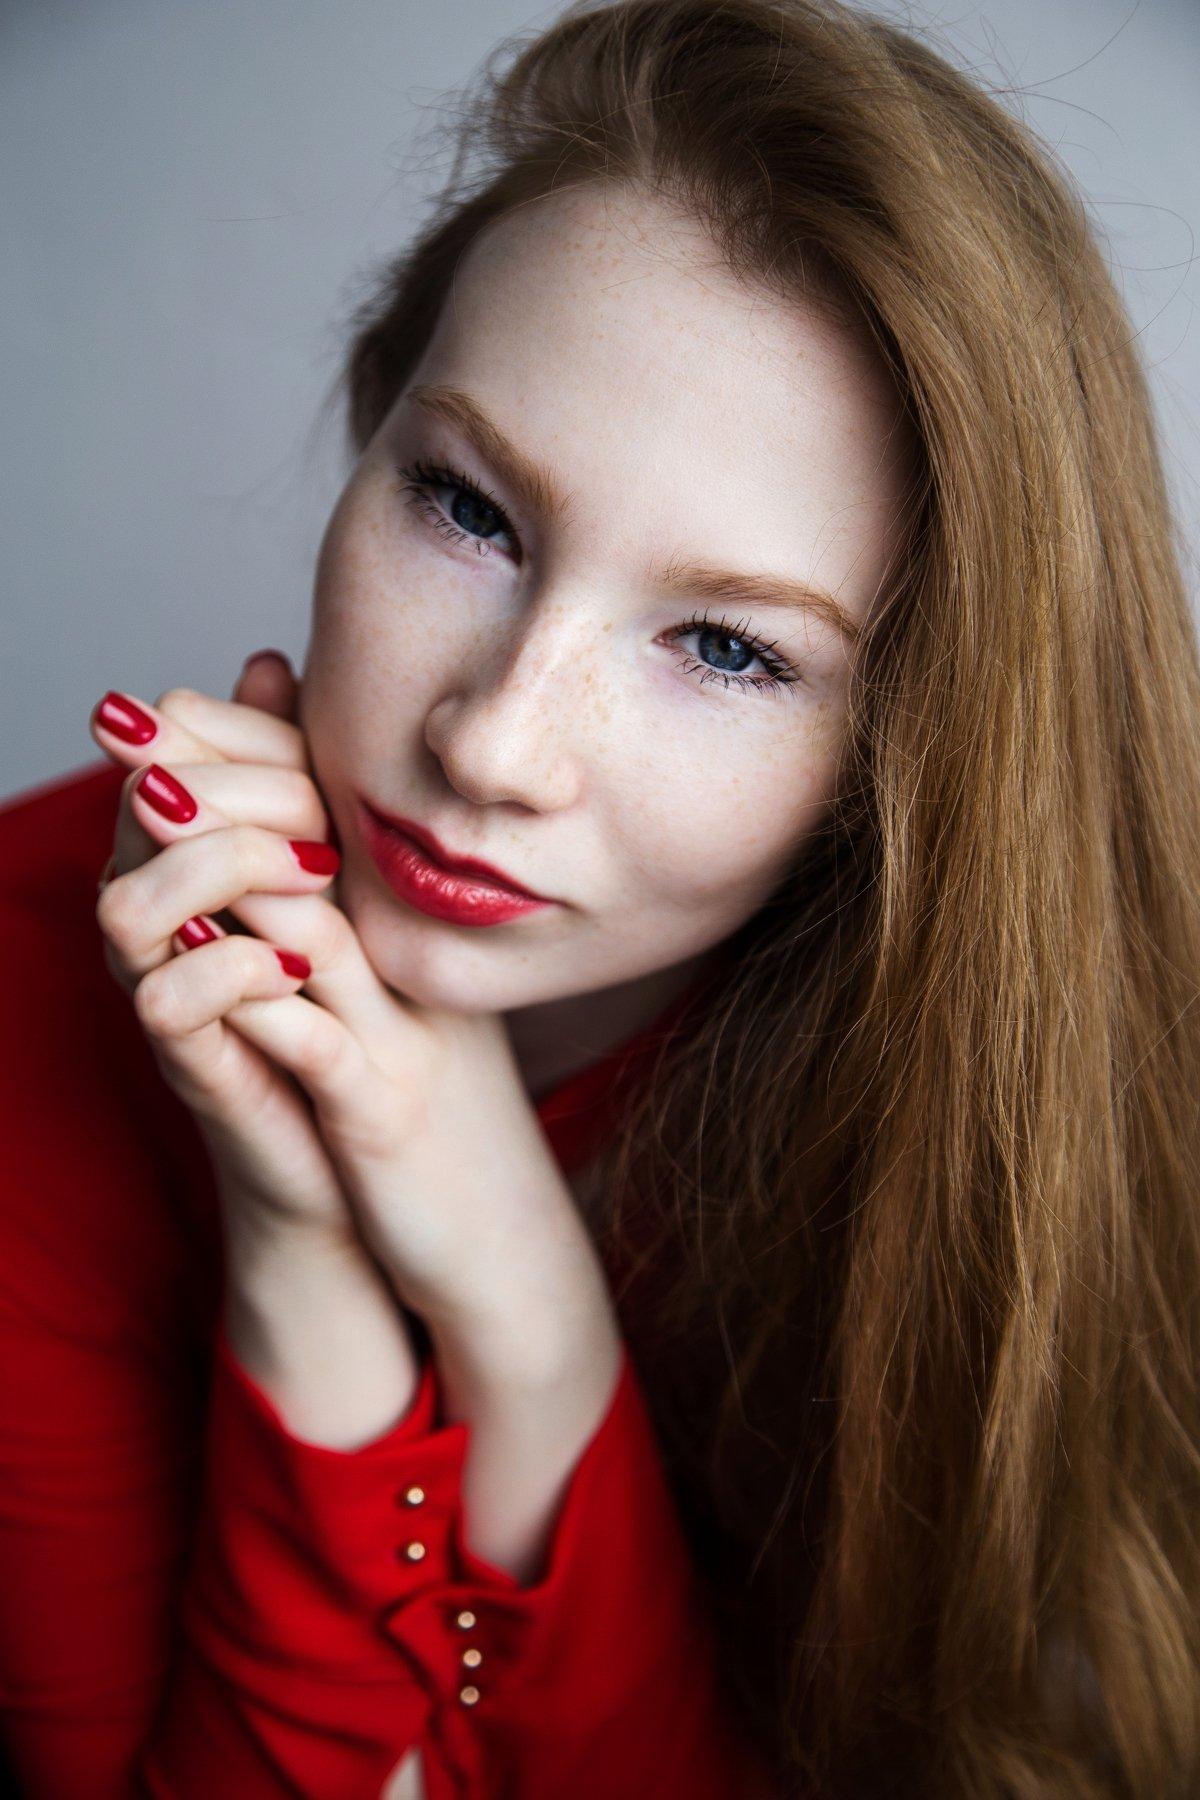 фото, девушка, рыжая, портрет, весна, Туркадзе Дарья